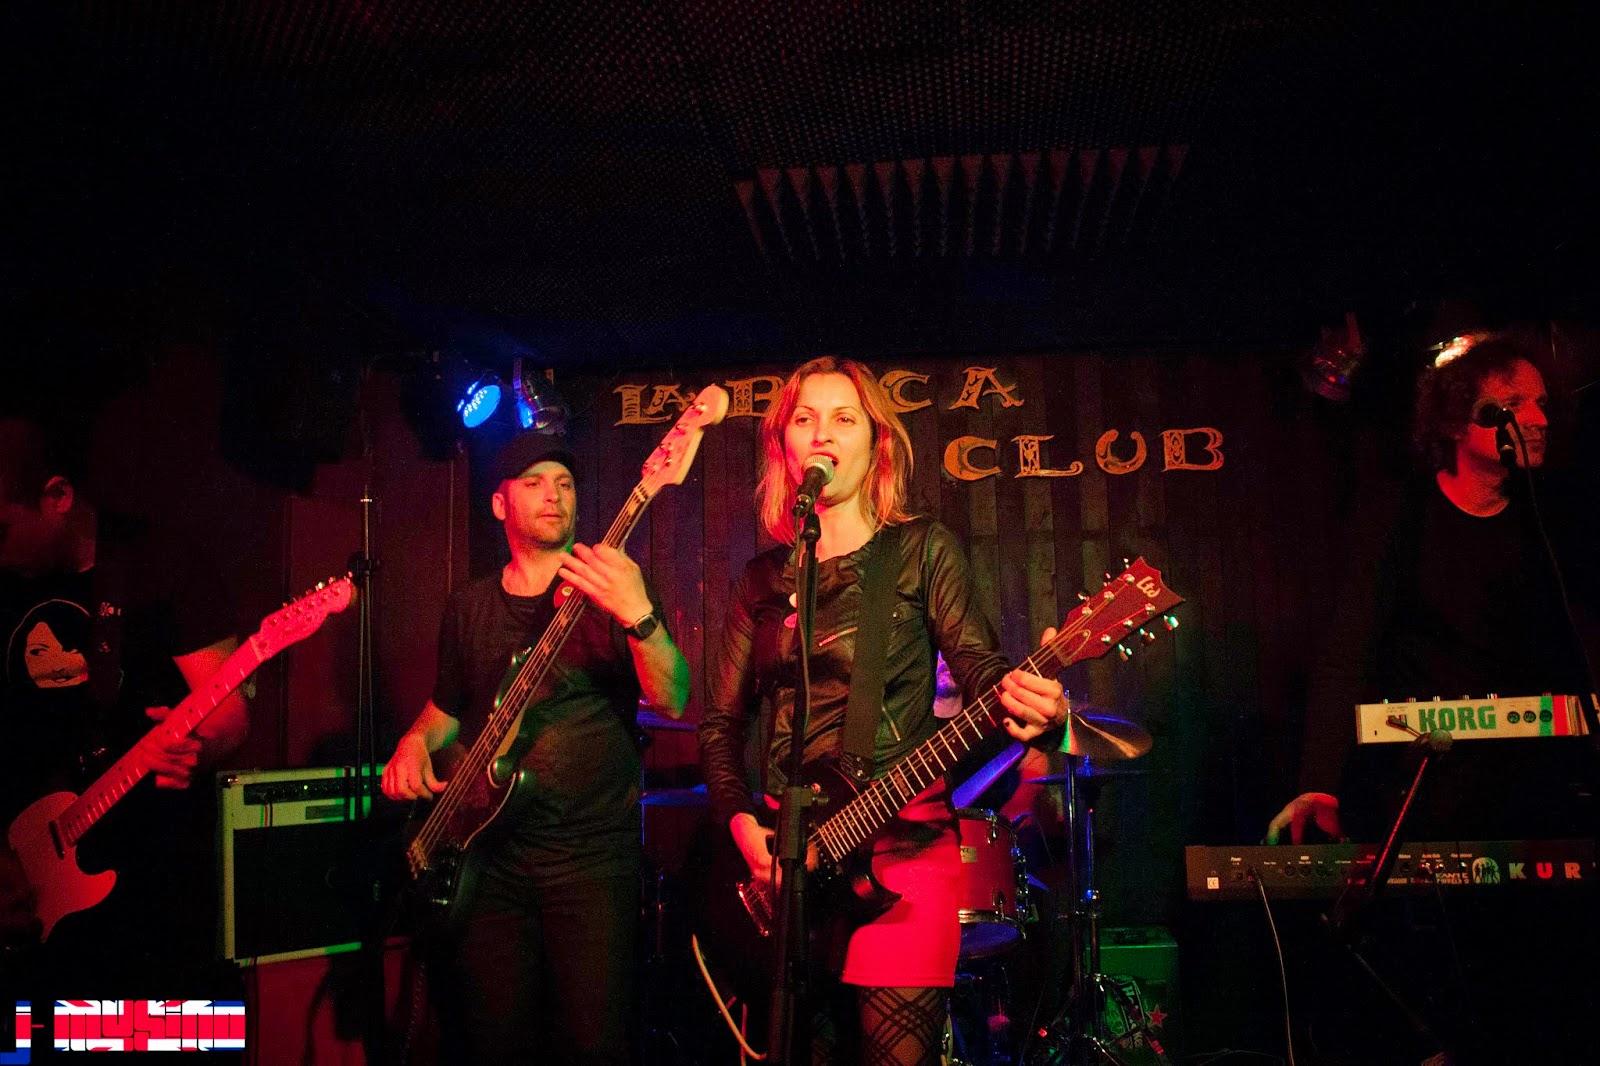 Clara Plath en La Boca Club